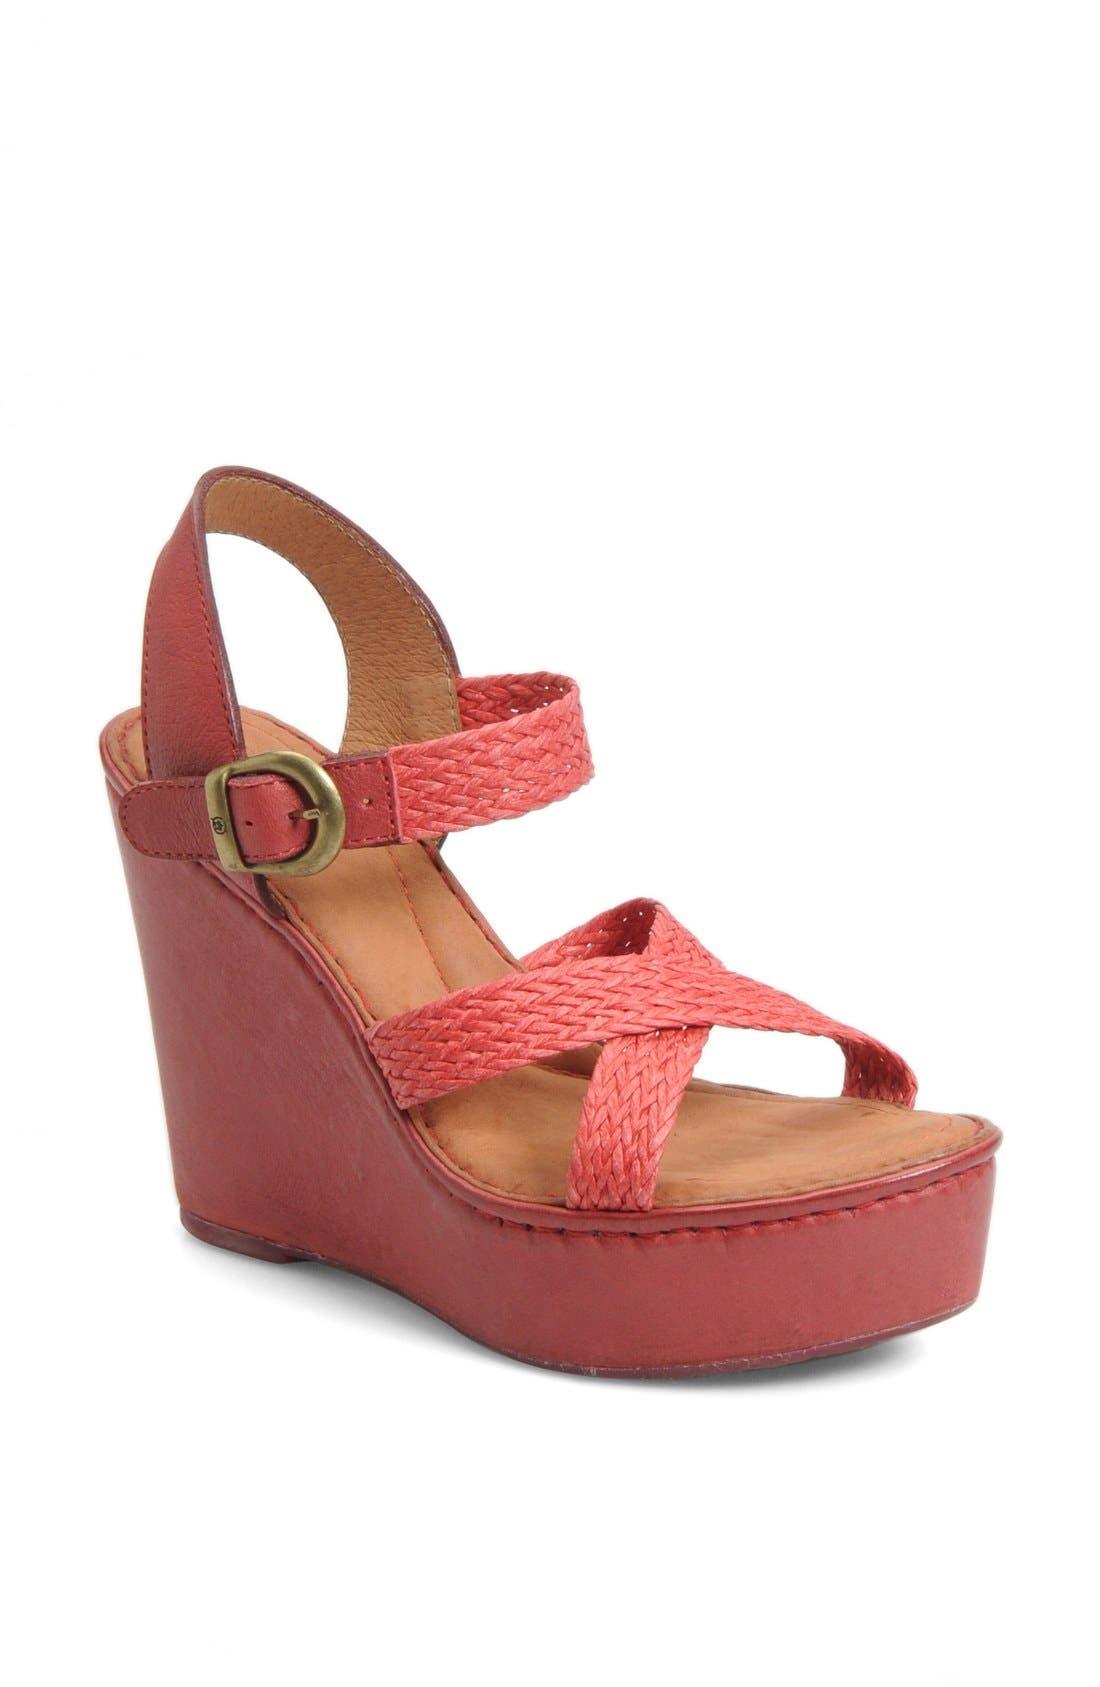 Alternate Image 1 Selected - Børn 'Estefania' Wedge Sandal